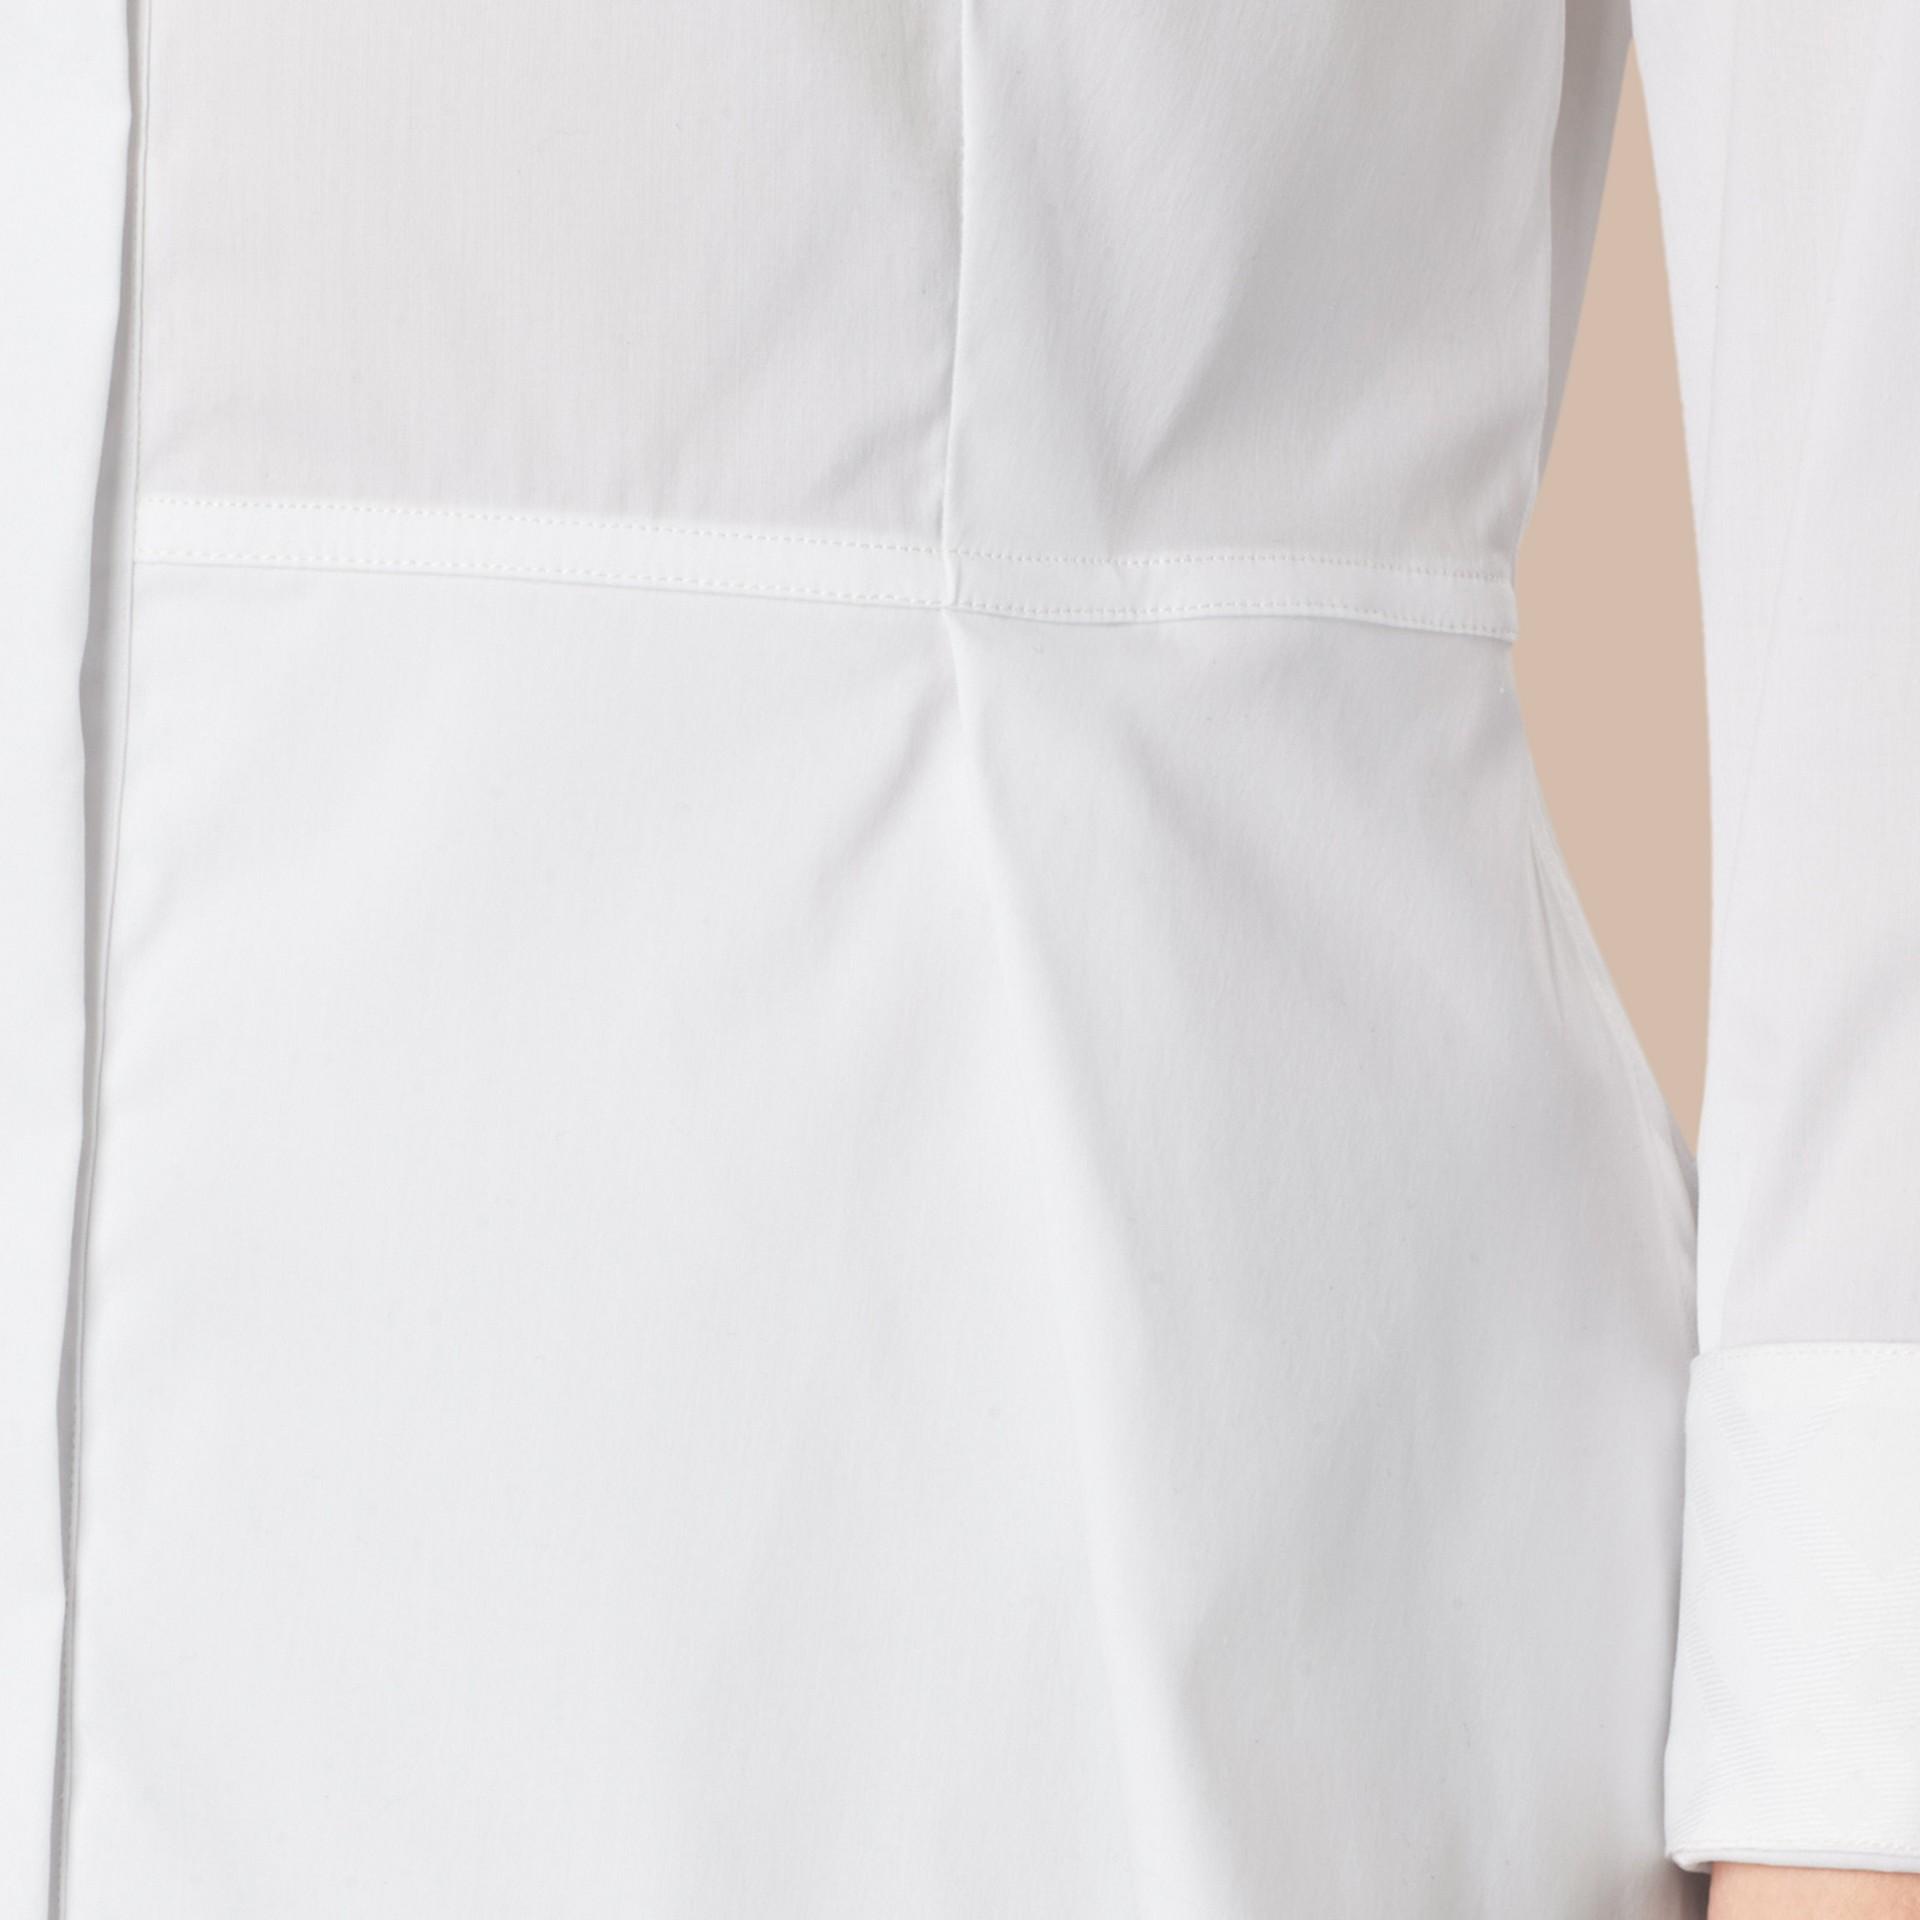 Branco Camisa de algodão stretch com sobressaia peplum - galeria de imagens 2